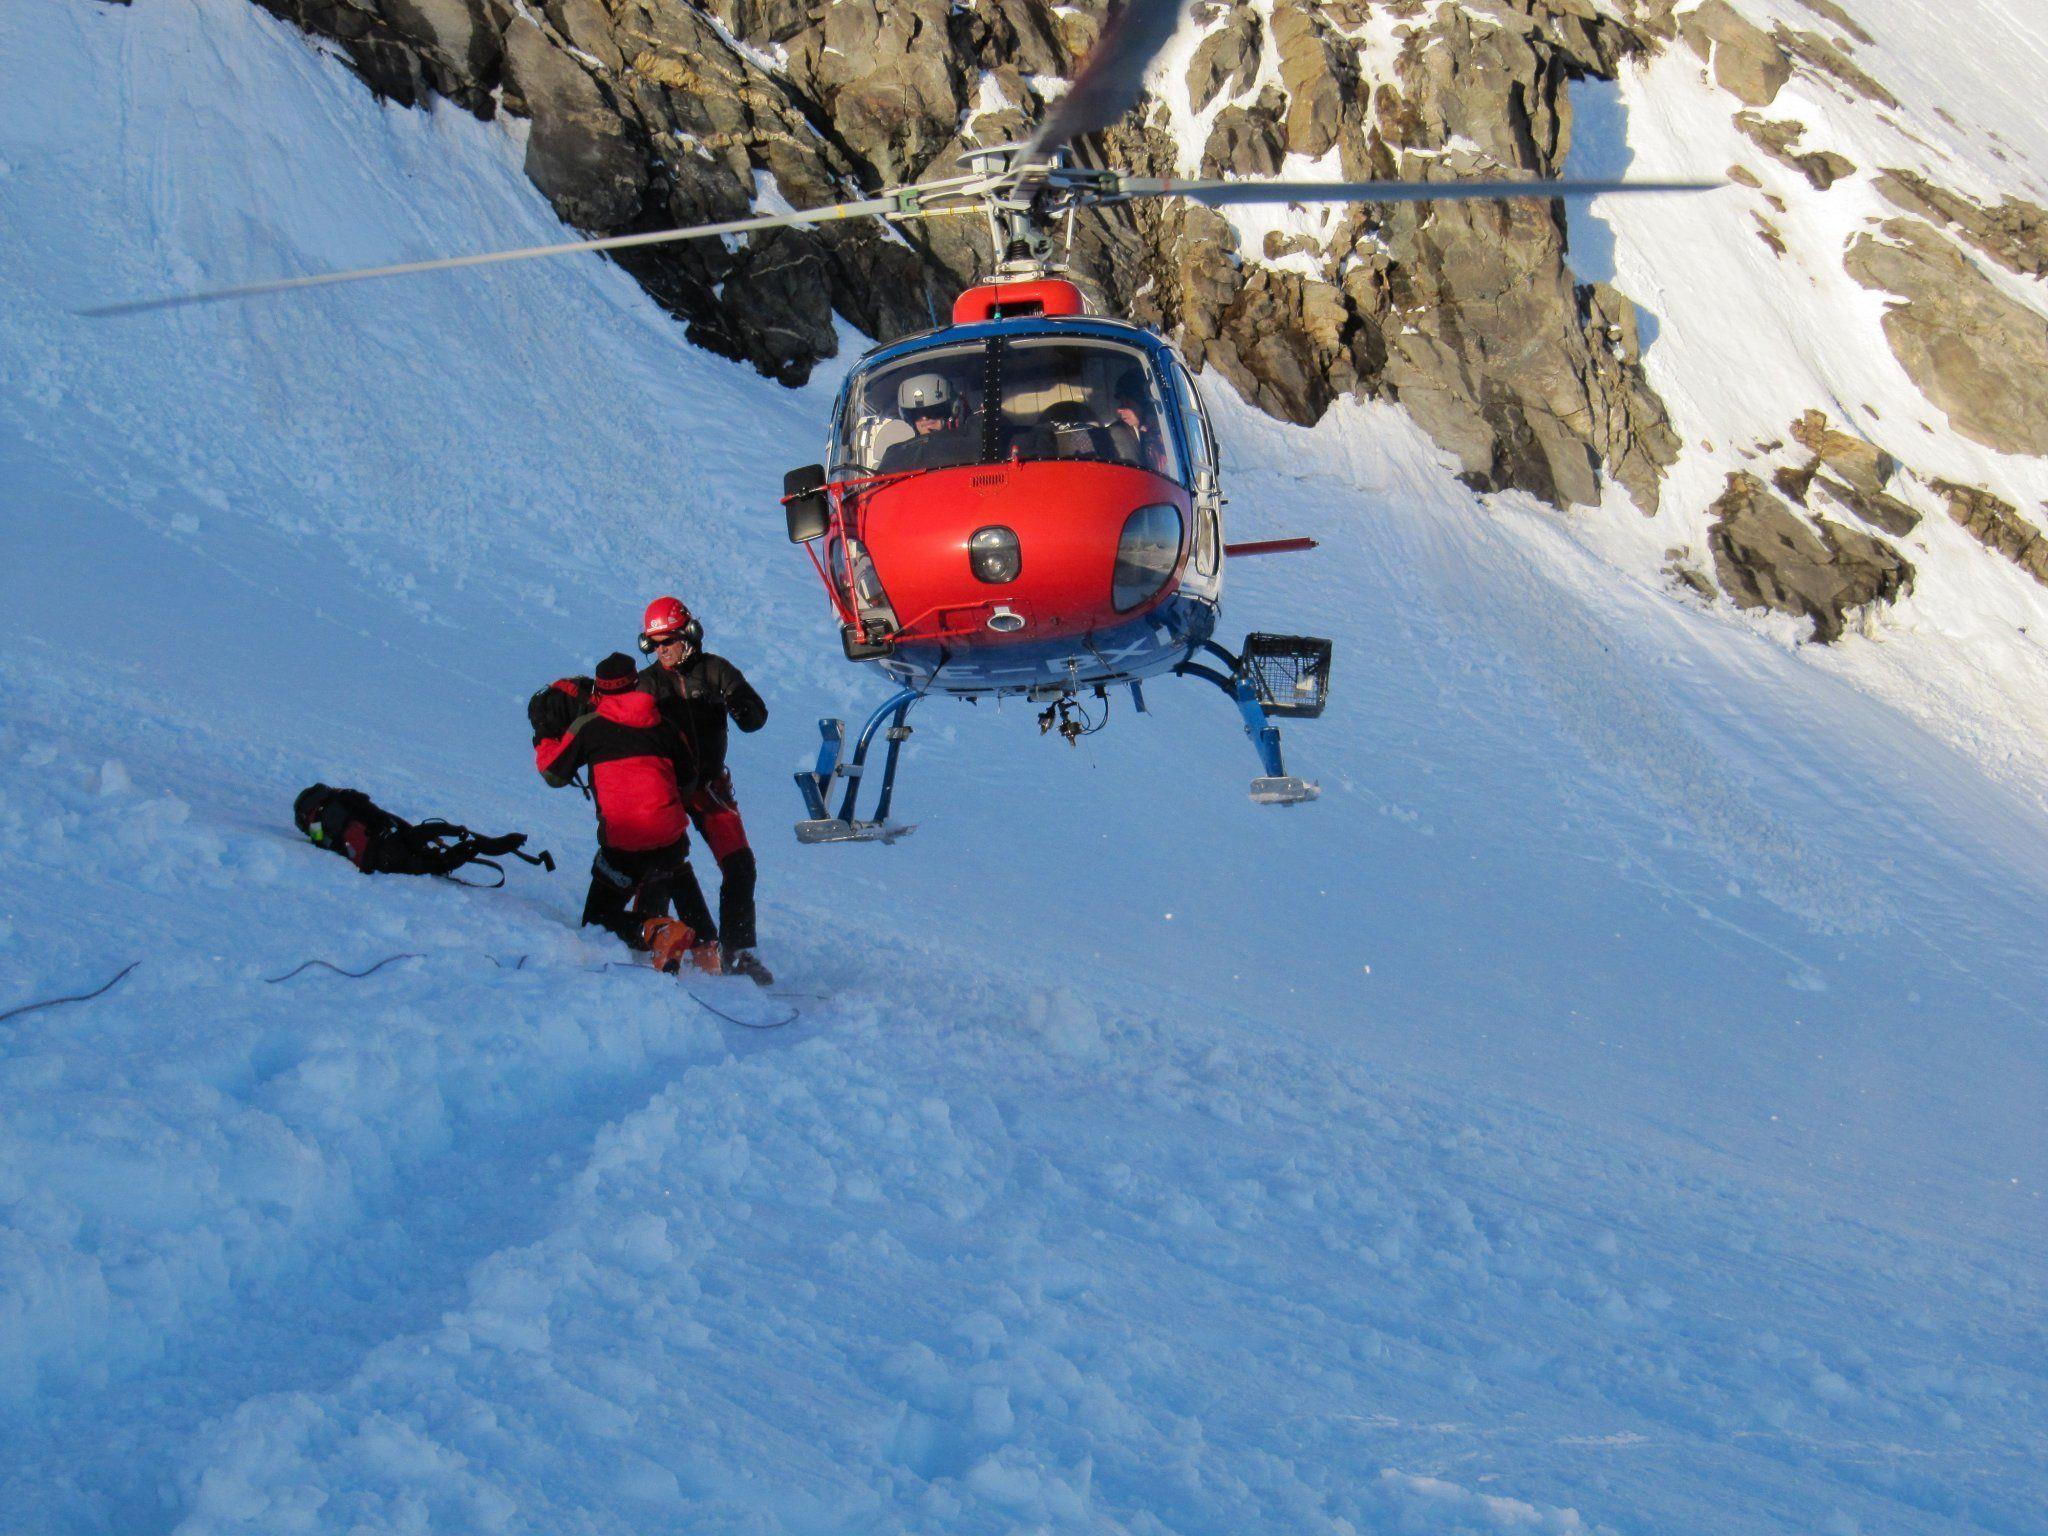 Ein Bergretter verstarb nach dem Flugunfall.